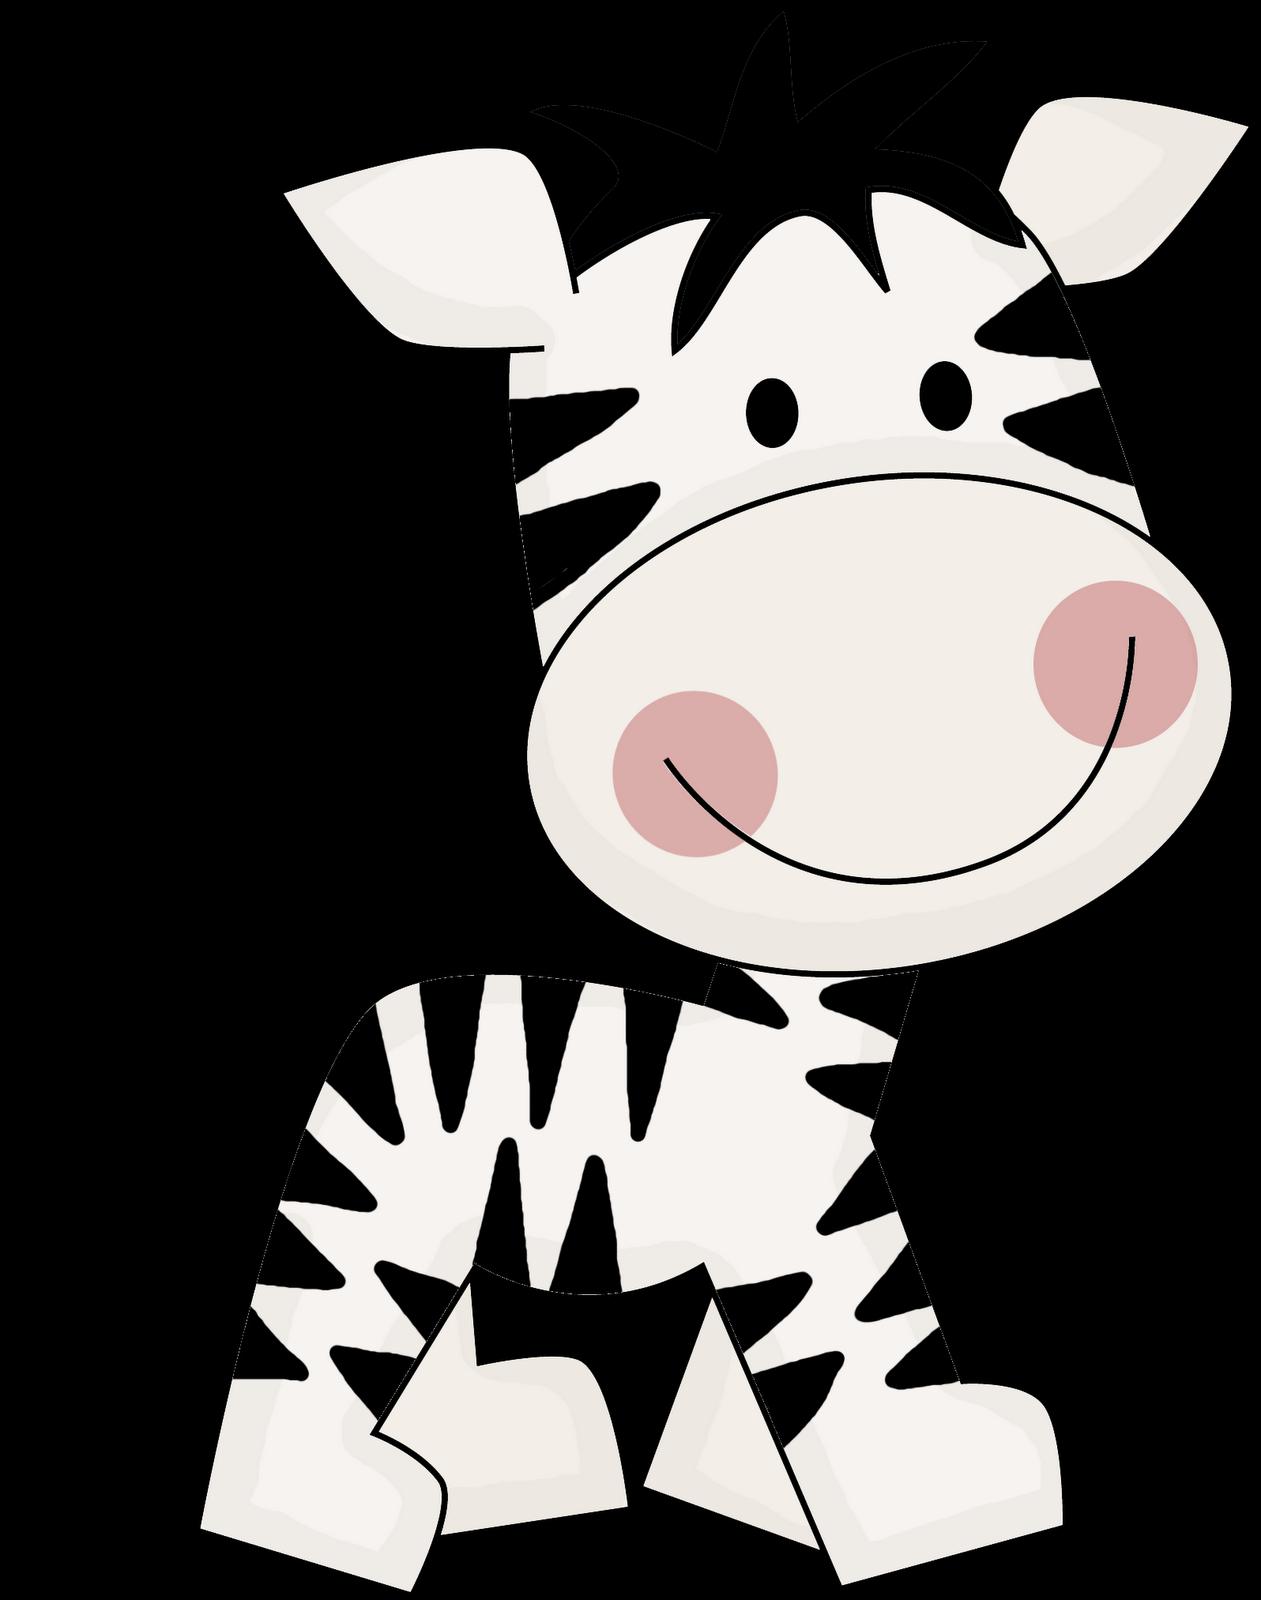 zebra · Free Zebra Clipart